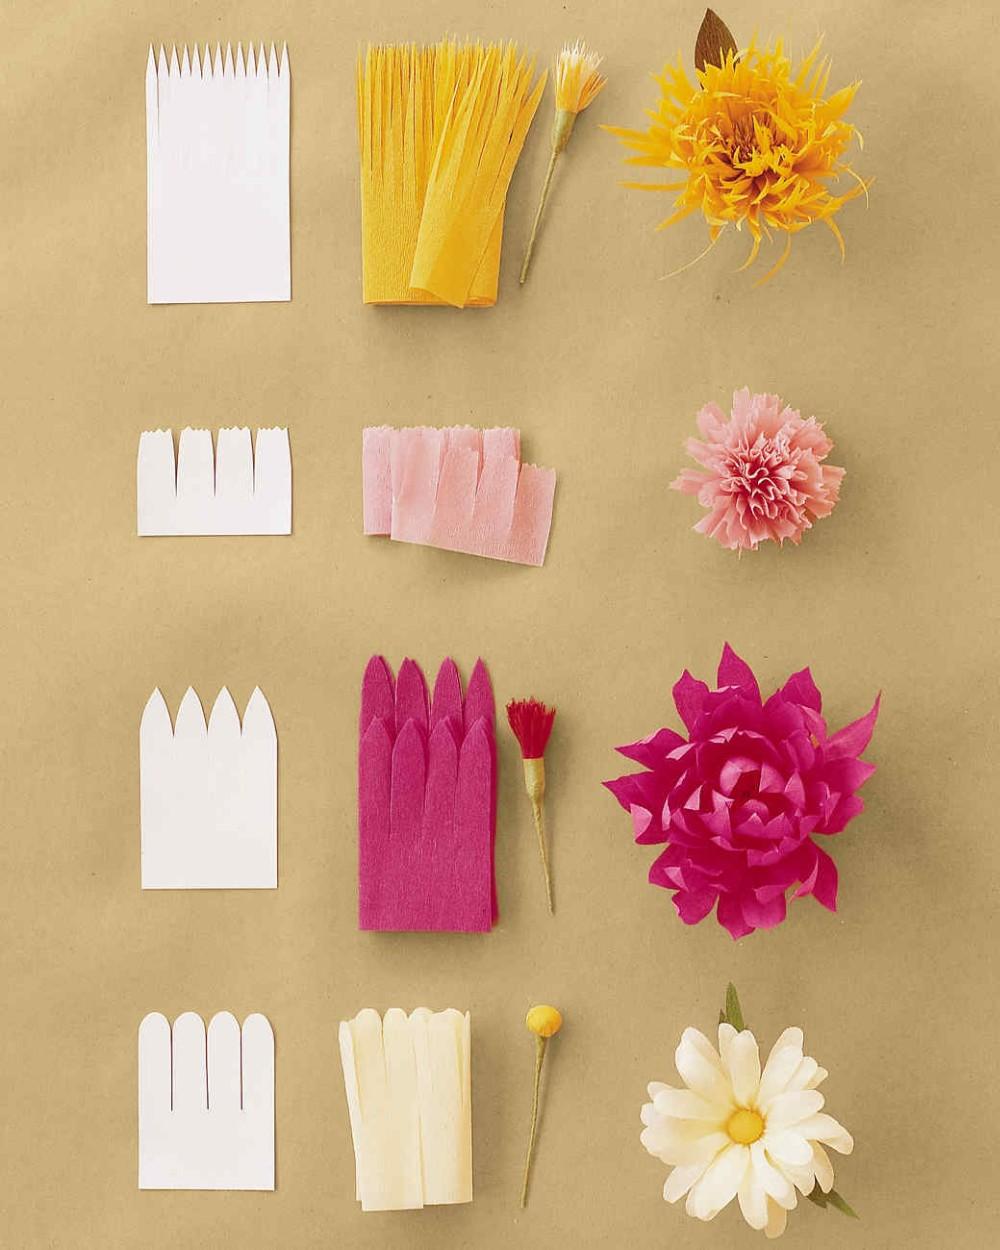 Цветы из гофрированной бумаги для открытки мастер-класс, для учителя английскому